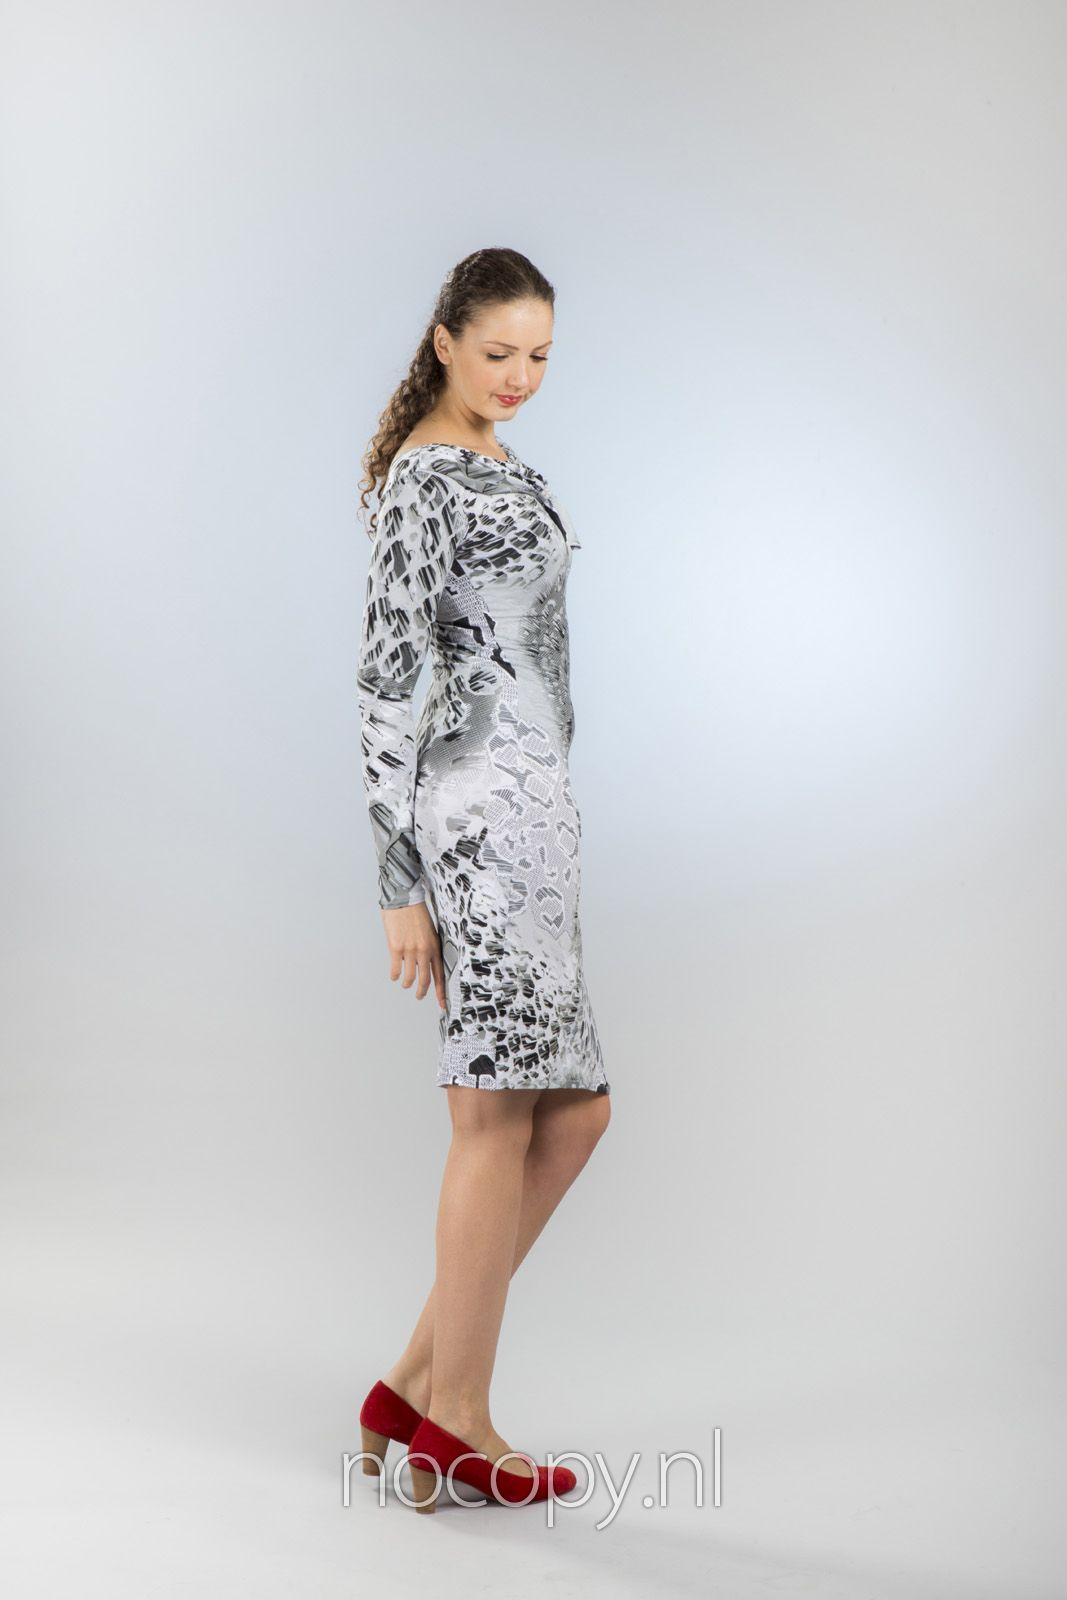 Classy shiny jurk voor alle tijden